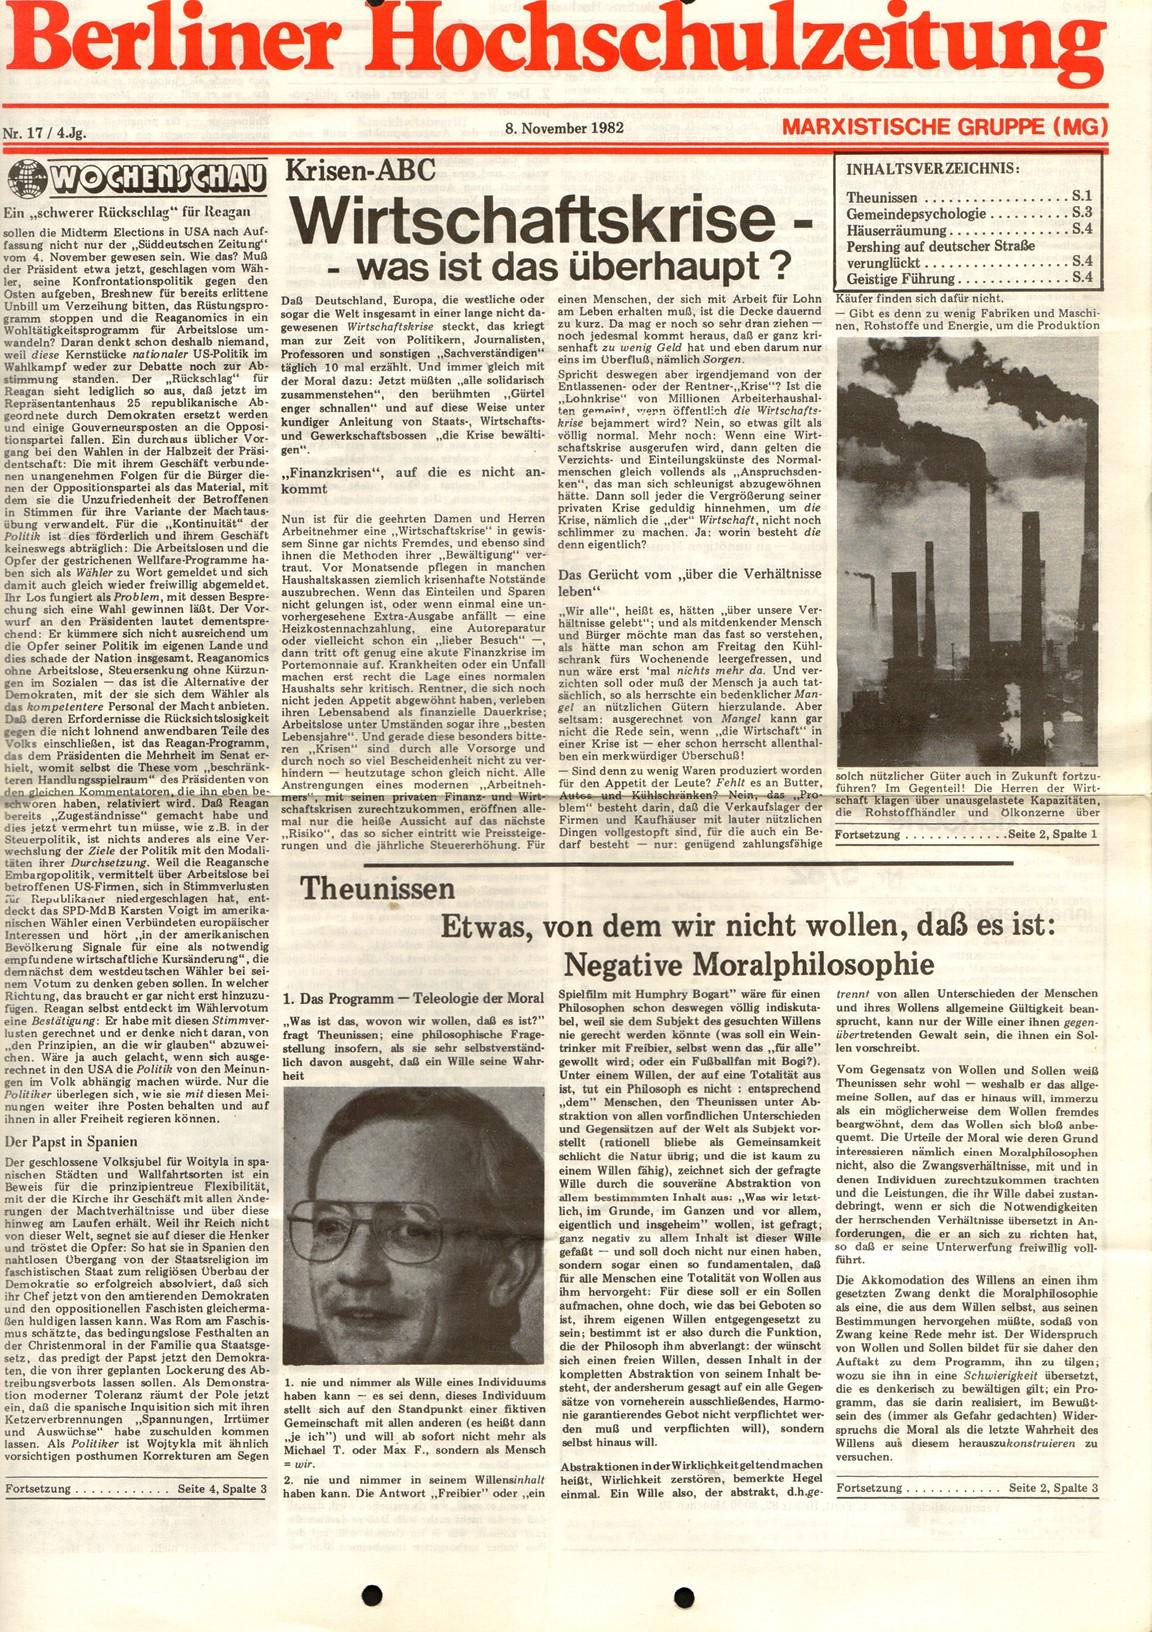 Berlin_MG_Hochschulzeitung_19821108_01